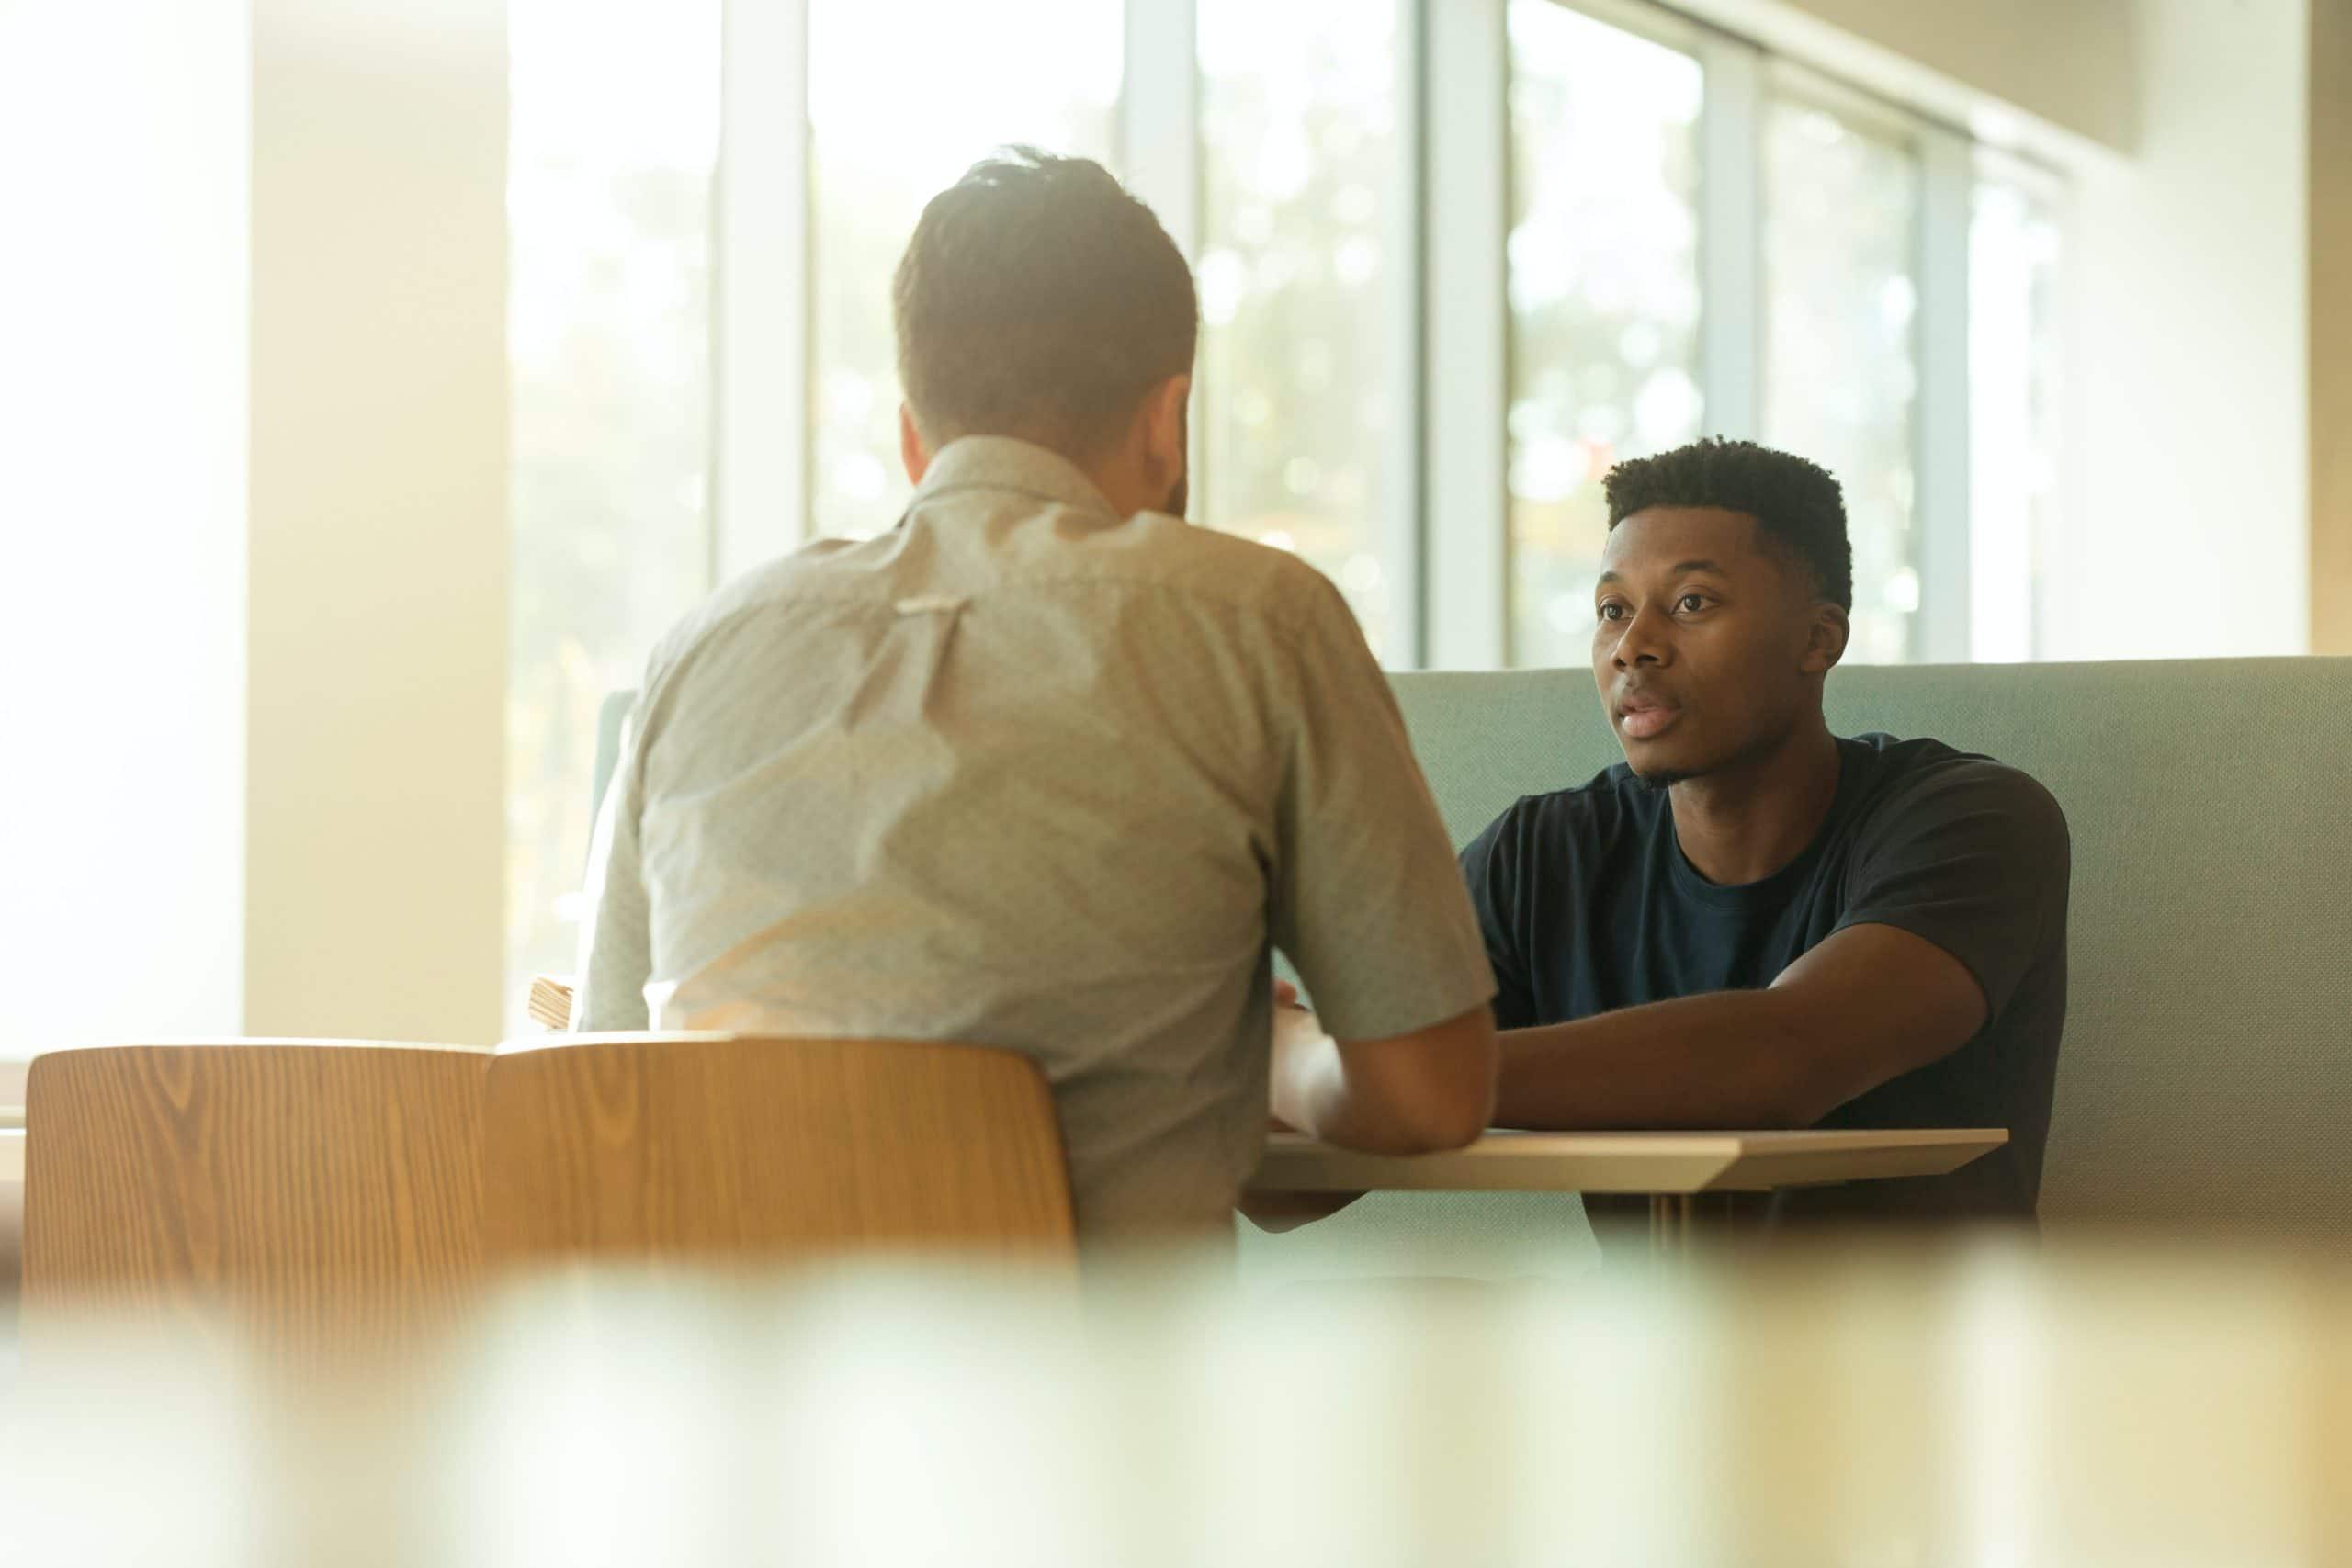 Emploi : il n'y a pas que les entreprises qui disent non après un entretien d'embauche